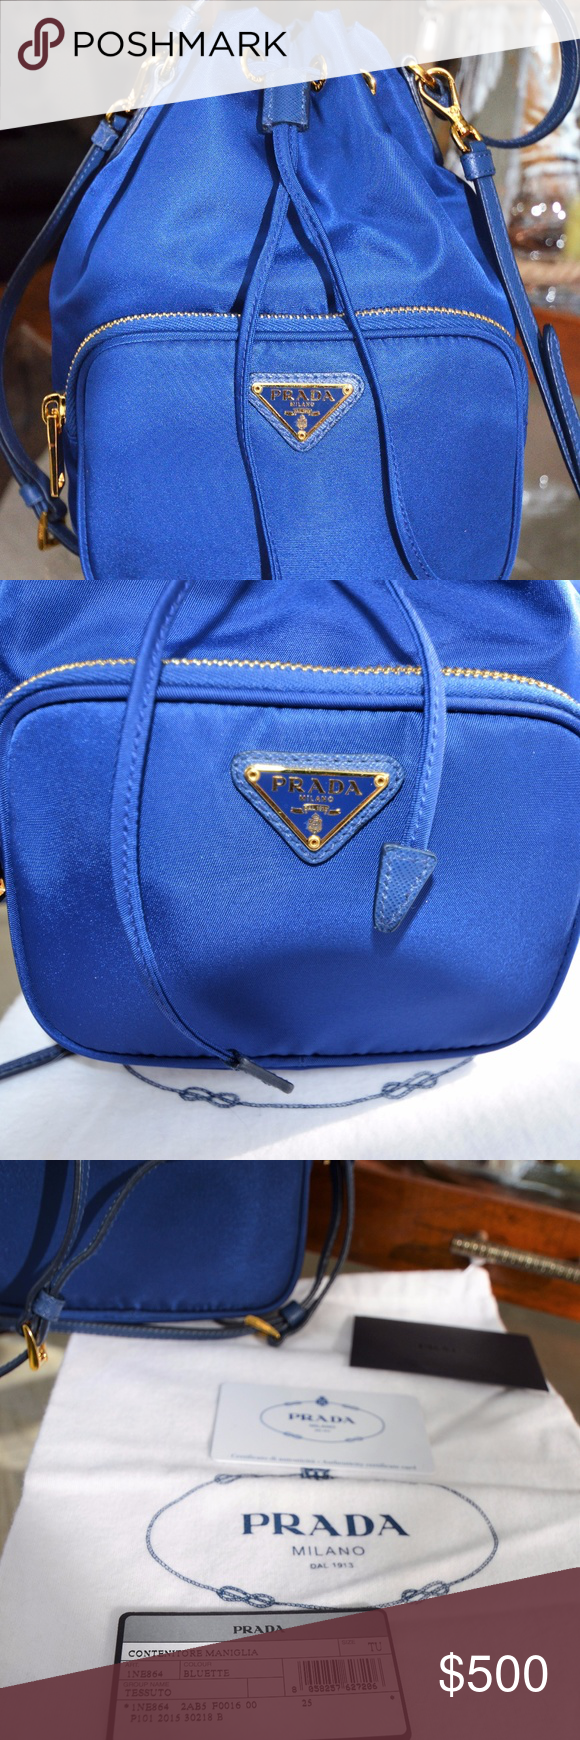 1623e2d7ff75 PRADA Contenitore Maniglia Bucket Crossbody Blue Authentic PRADA Saffiano  Tessuto Nylon Mini Bucket Crossbody Bag In